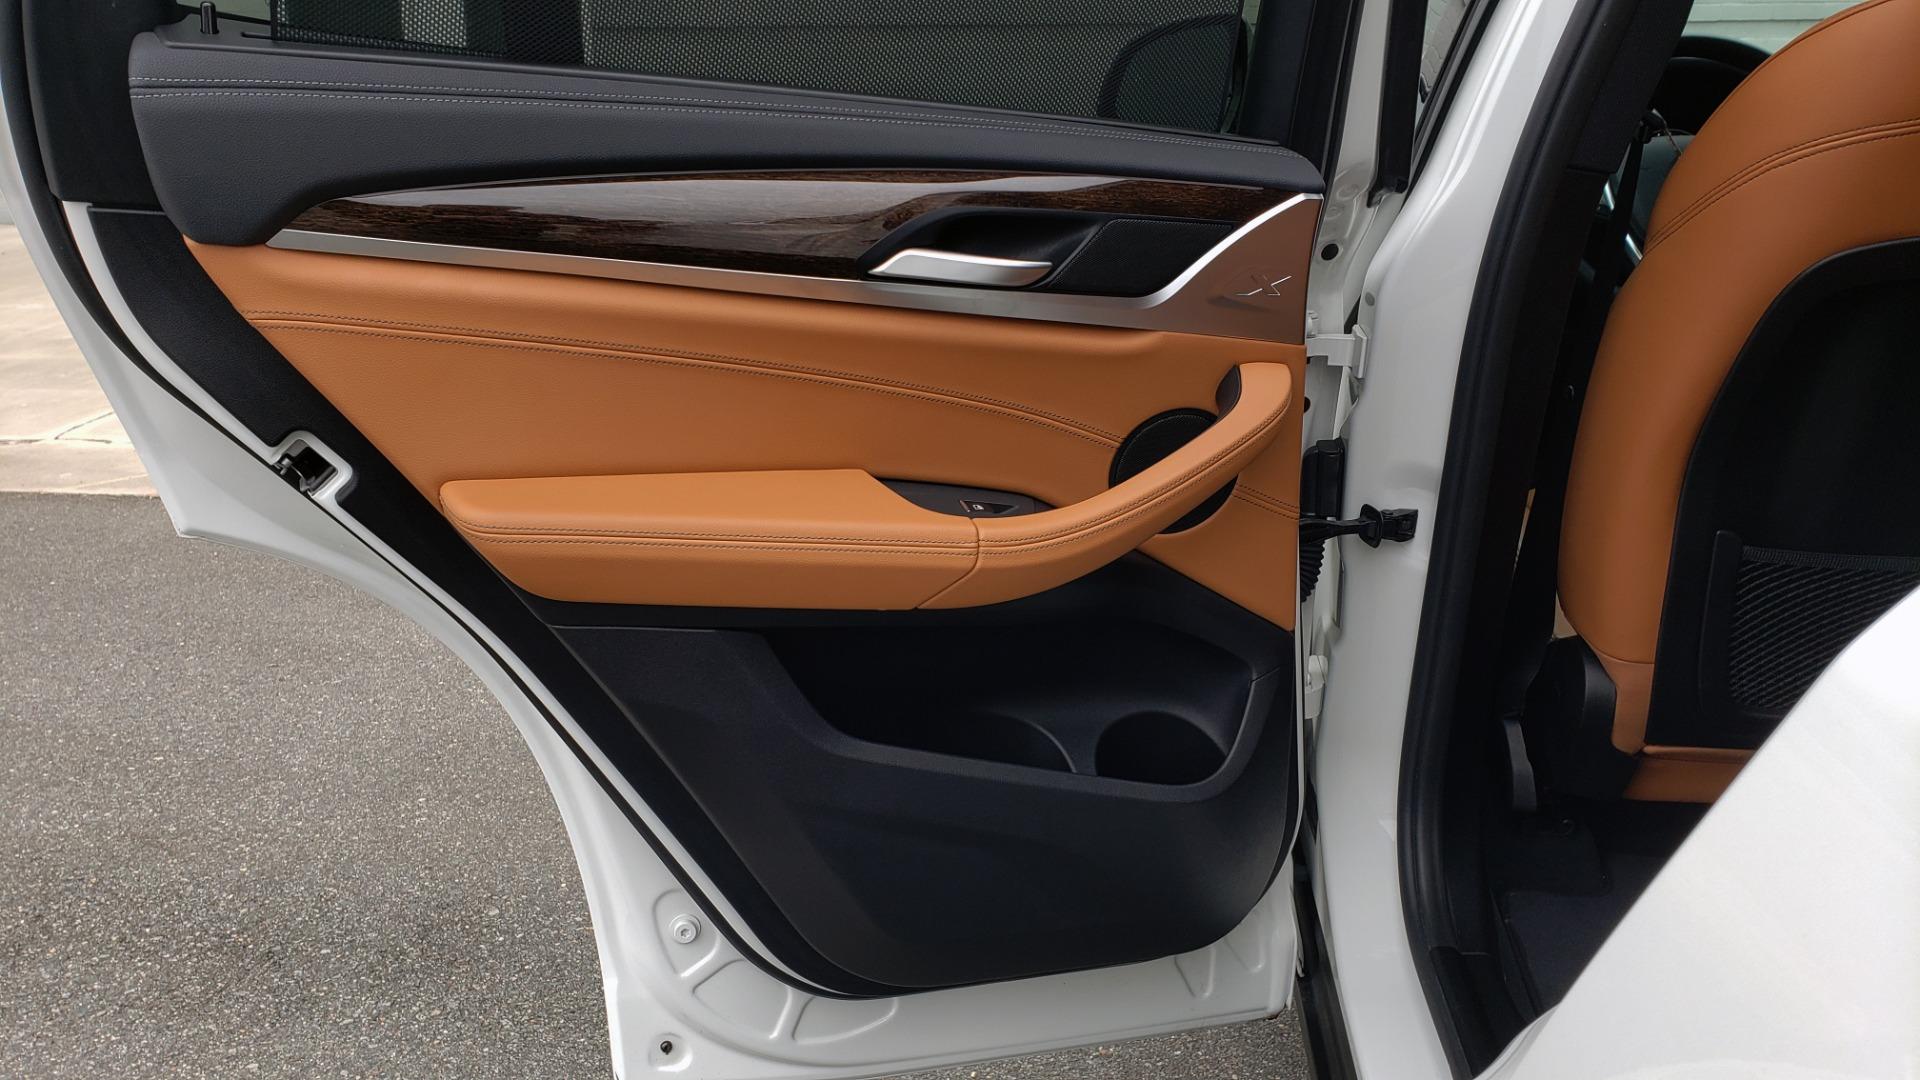 Used 2018 BMW X3 XDRIVE30I / LUX PKG / PREM PKG / CONV PKG / PDC / APPLE CARPLAY for sale Sold at Formula Imports in Charlotte NC 28227 60